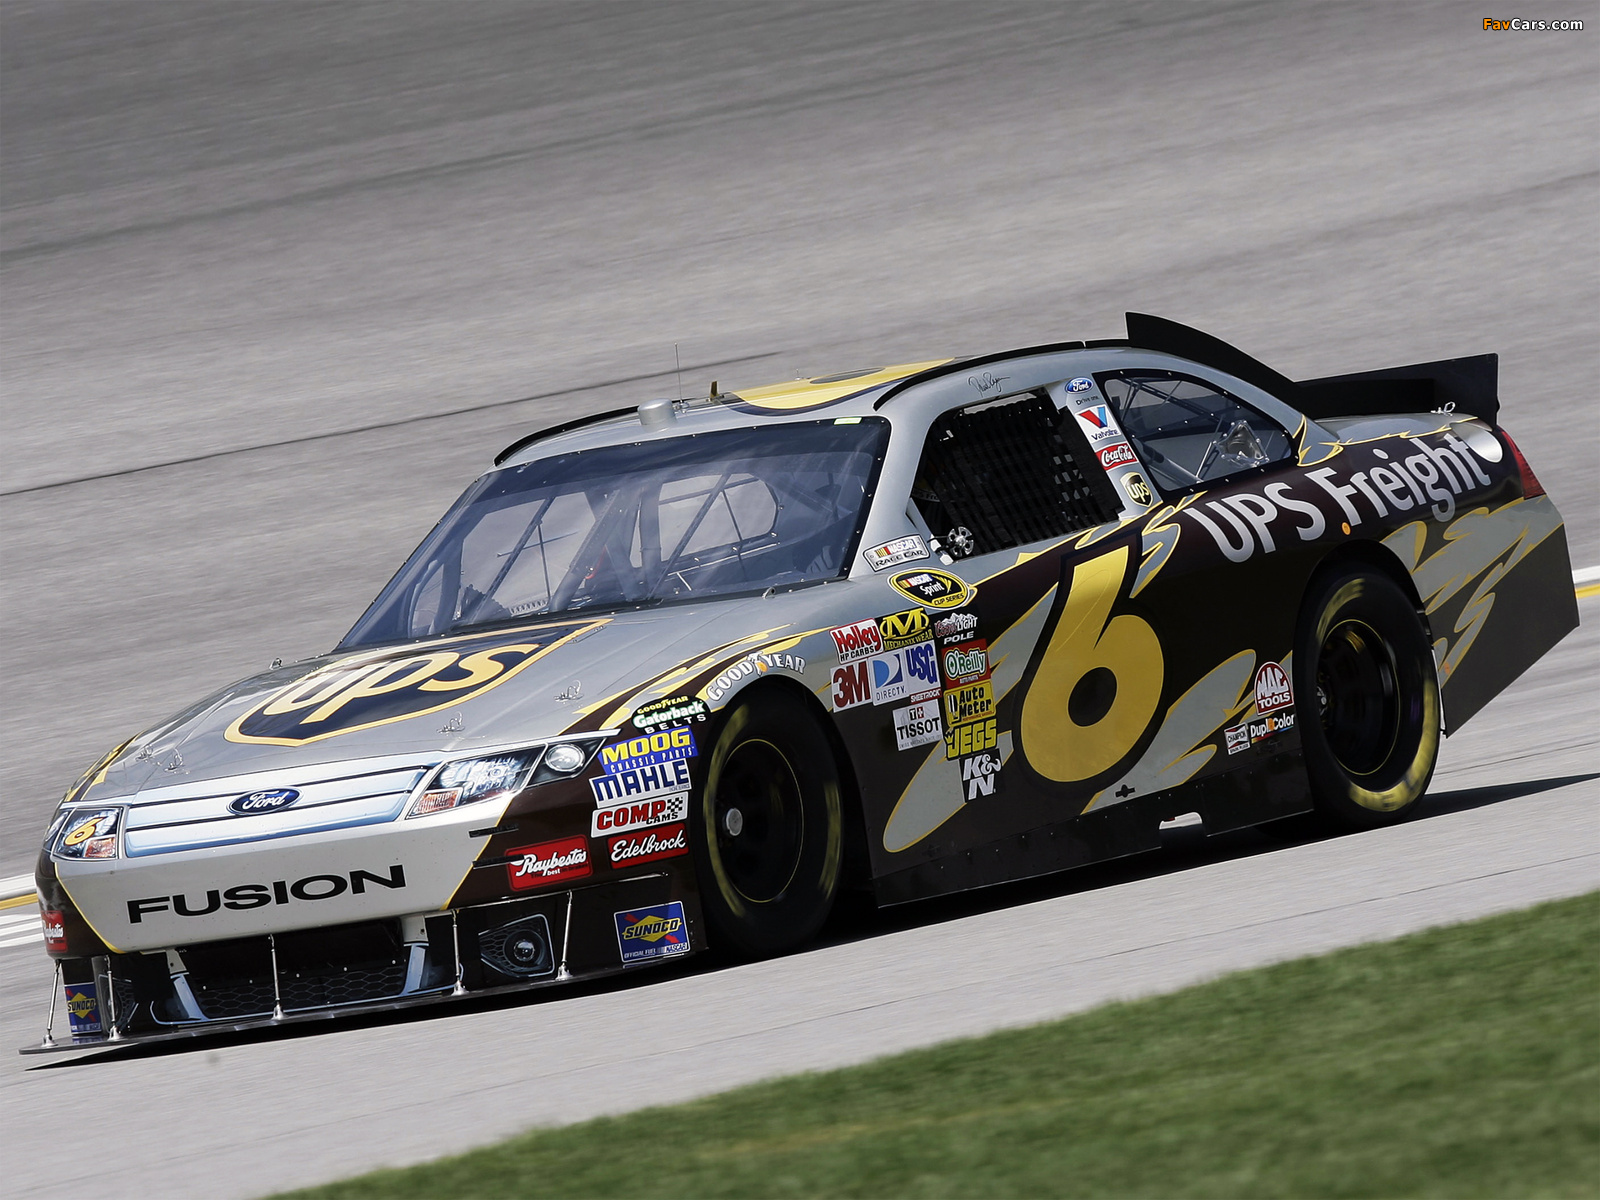 Ford Fusion NASCAR Sprint Cup Series Race Car 2009–12 photos (1600 x 1200)